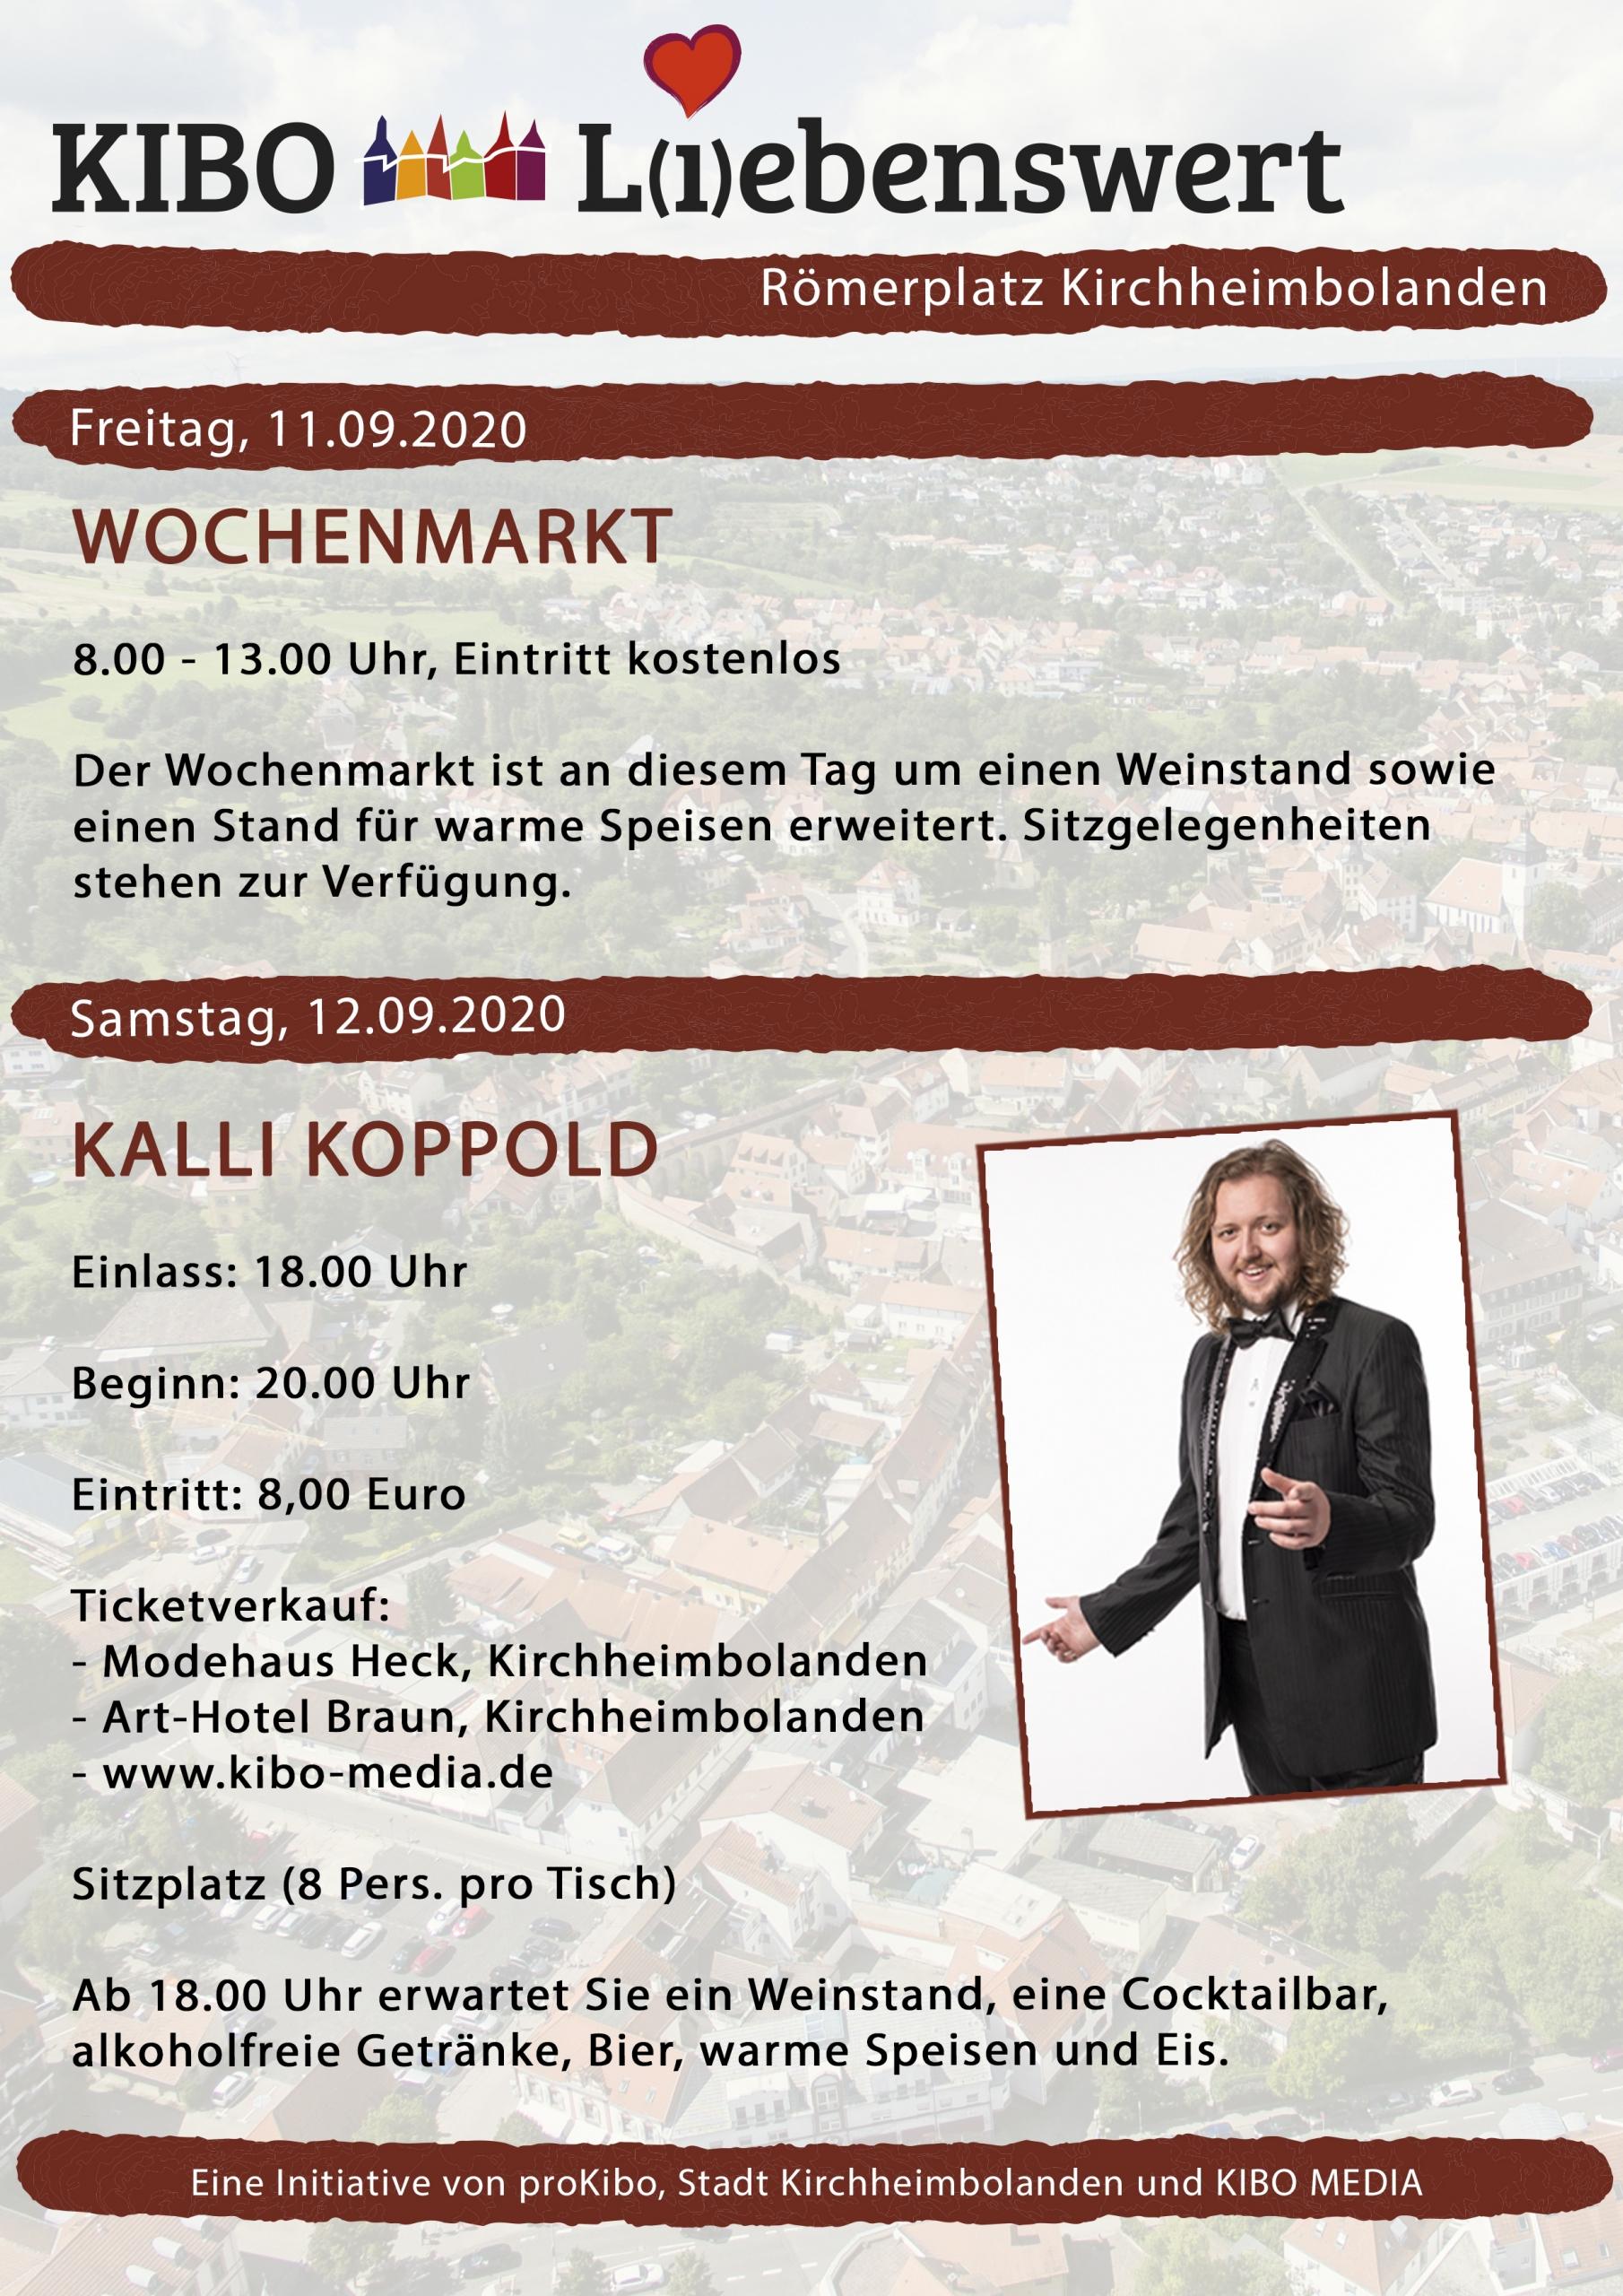 Veranstaltungen Flyer KIBO Liebenswert auf dem Römerplatz in Kirchheimbolanden am 12.09.2020 mit Kalli Koppold präsentiert von proKIBO e.V.